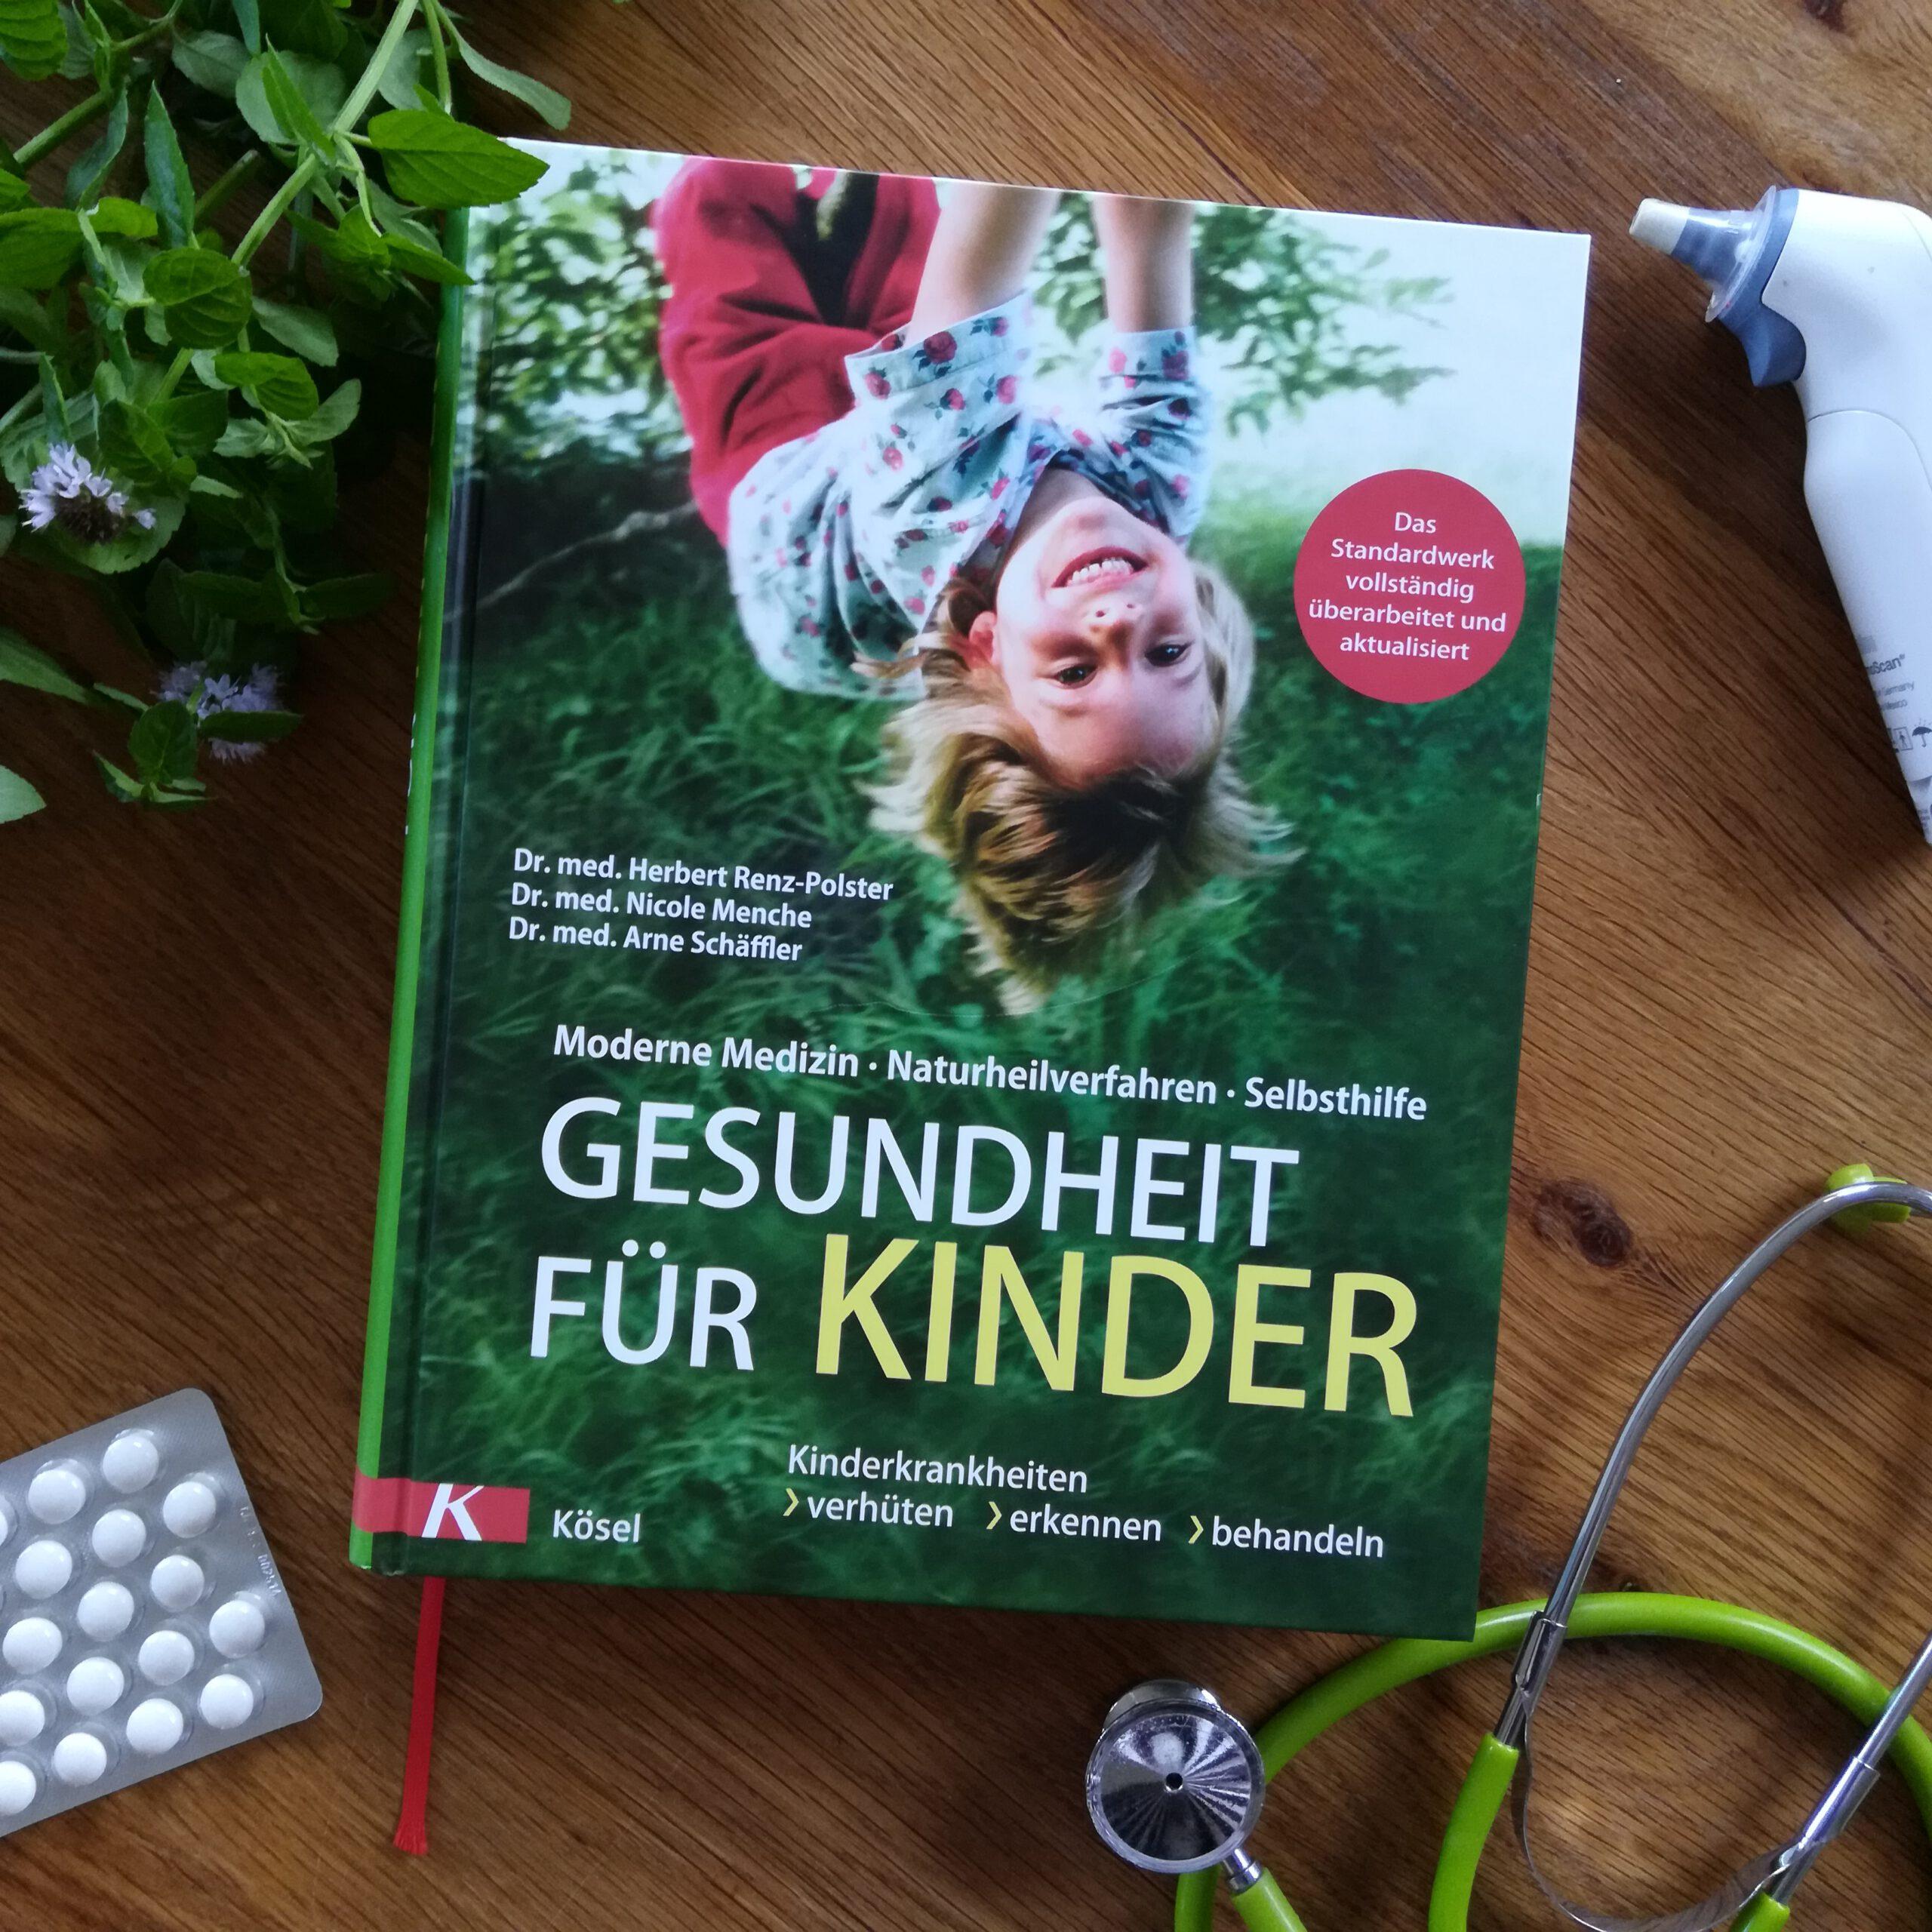 """""""Gesundheit für Kinder. Kinderkrankheiten verhüten, ernennen, behandeln"""" – Dr. Herbert Renz- Polster"""